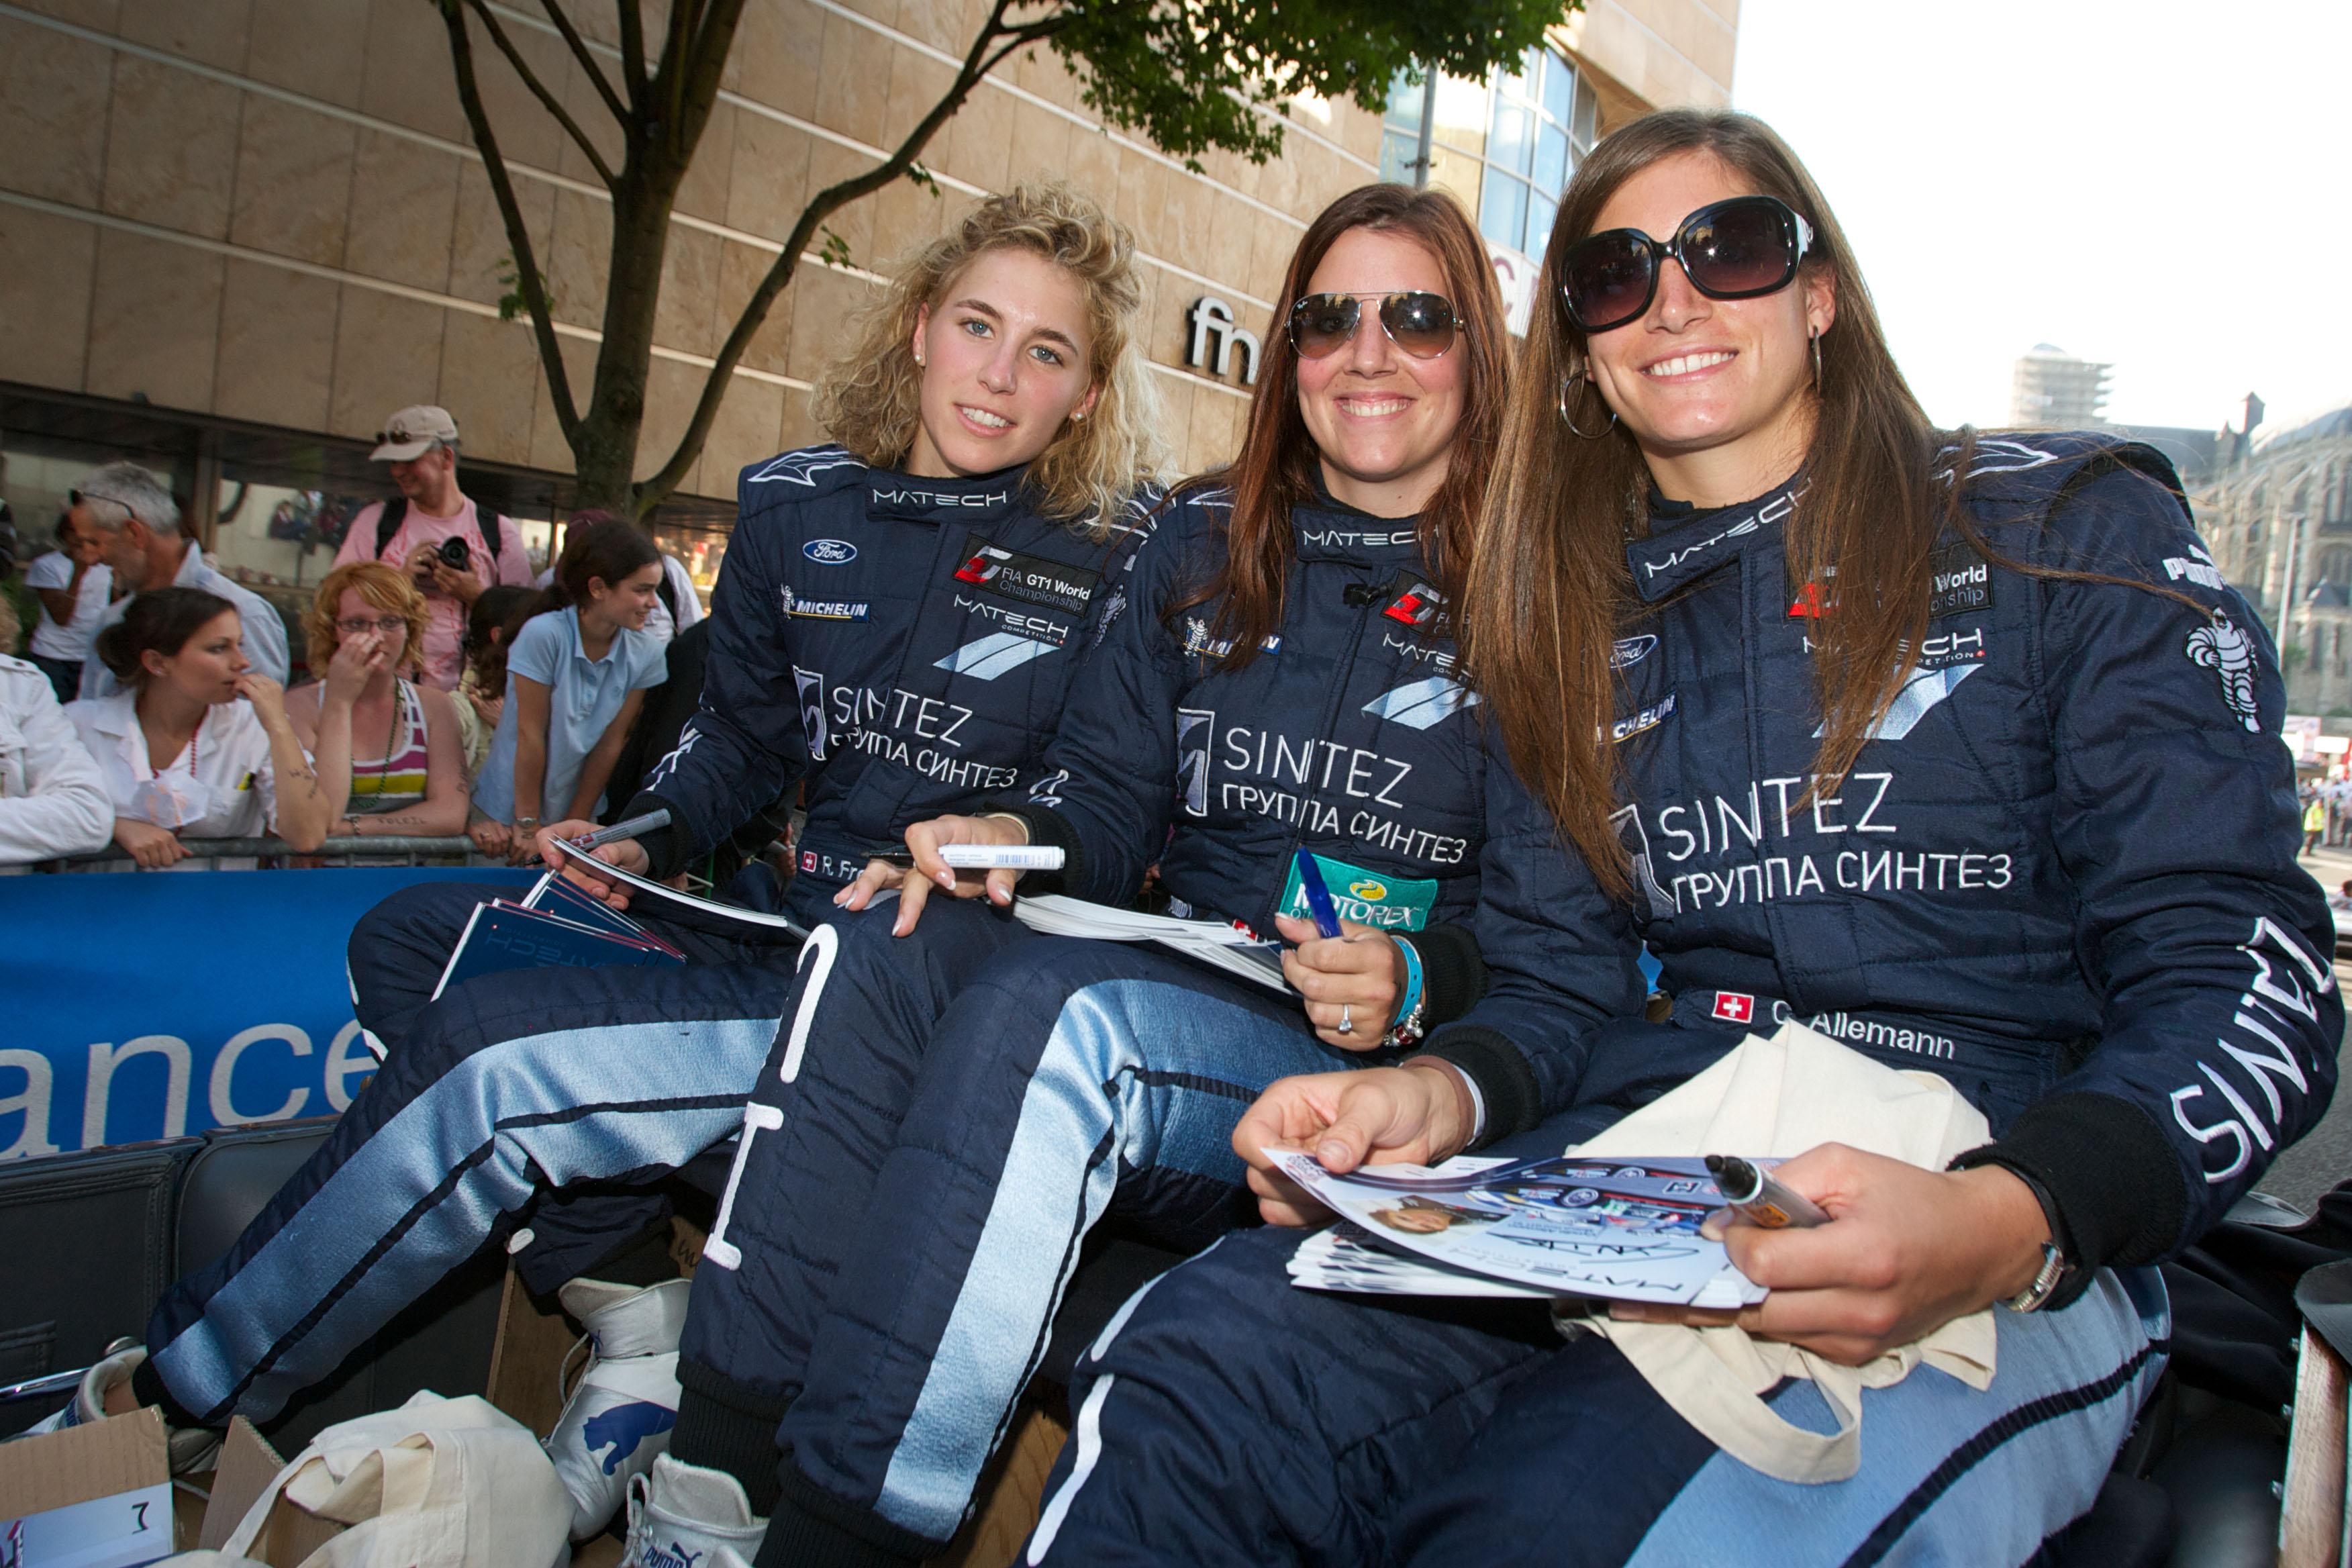 Rahel Frey, Natacha Gachnang and Cyndie Allemann Le Mans 2010